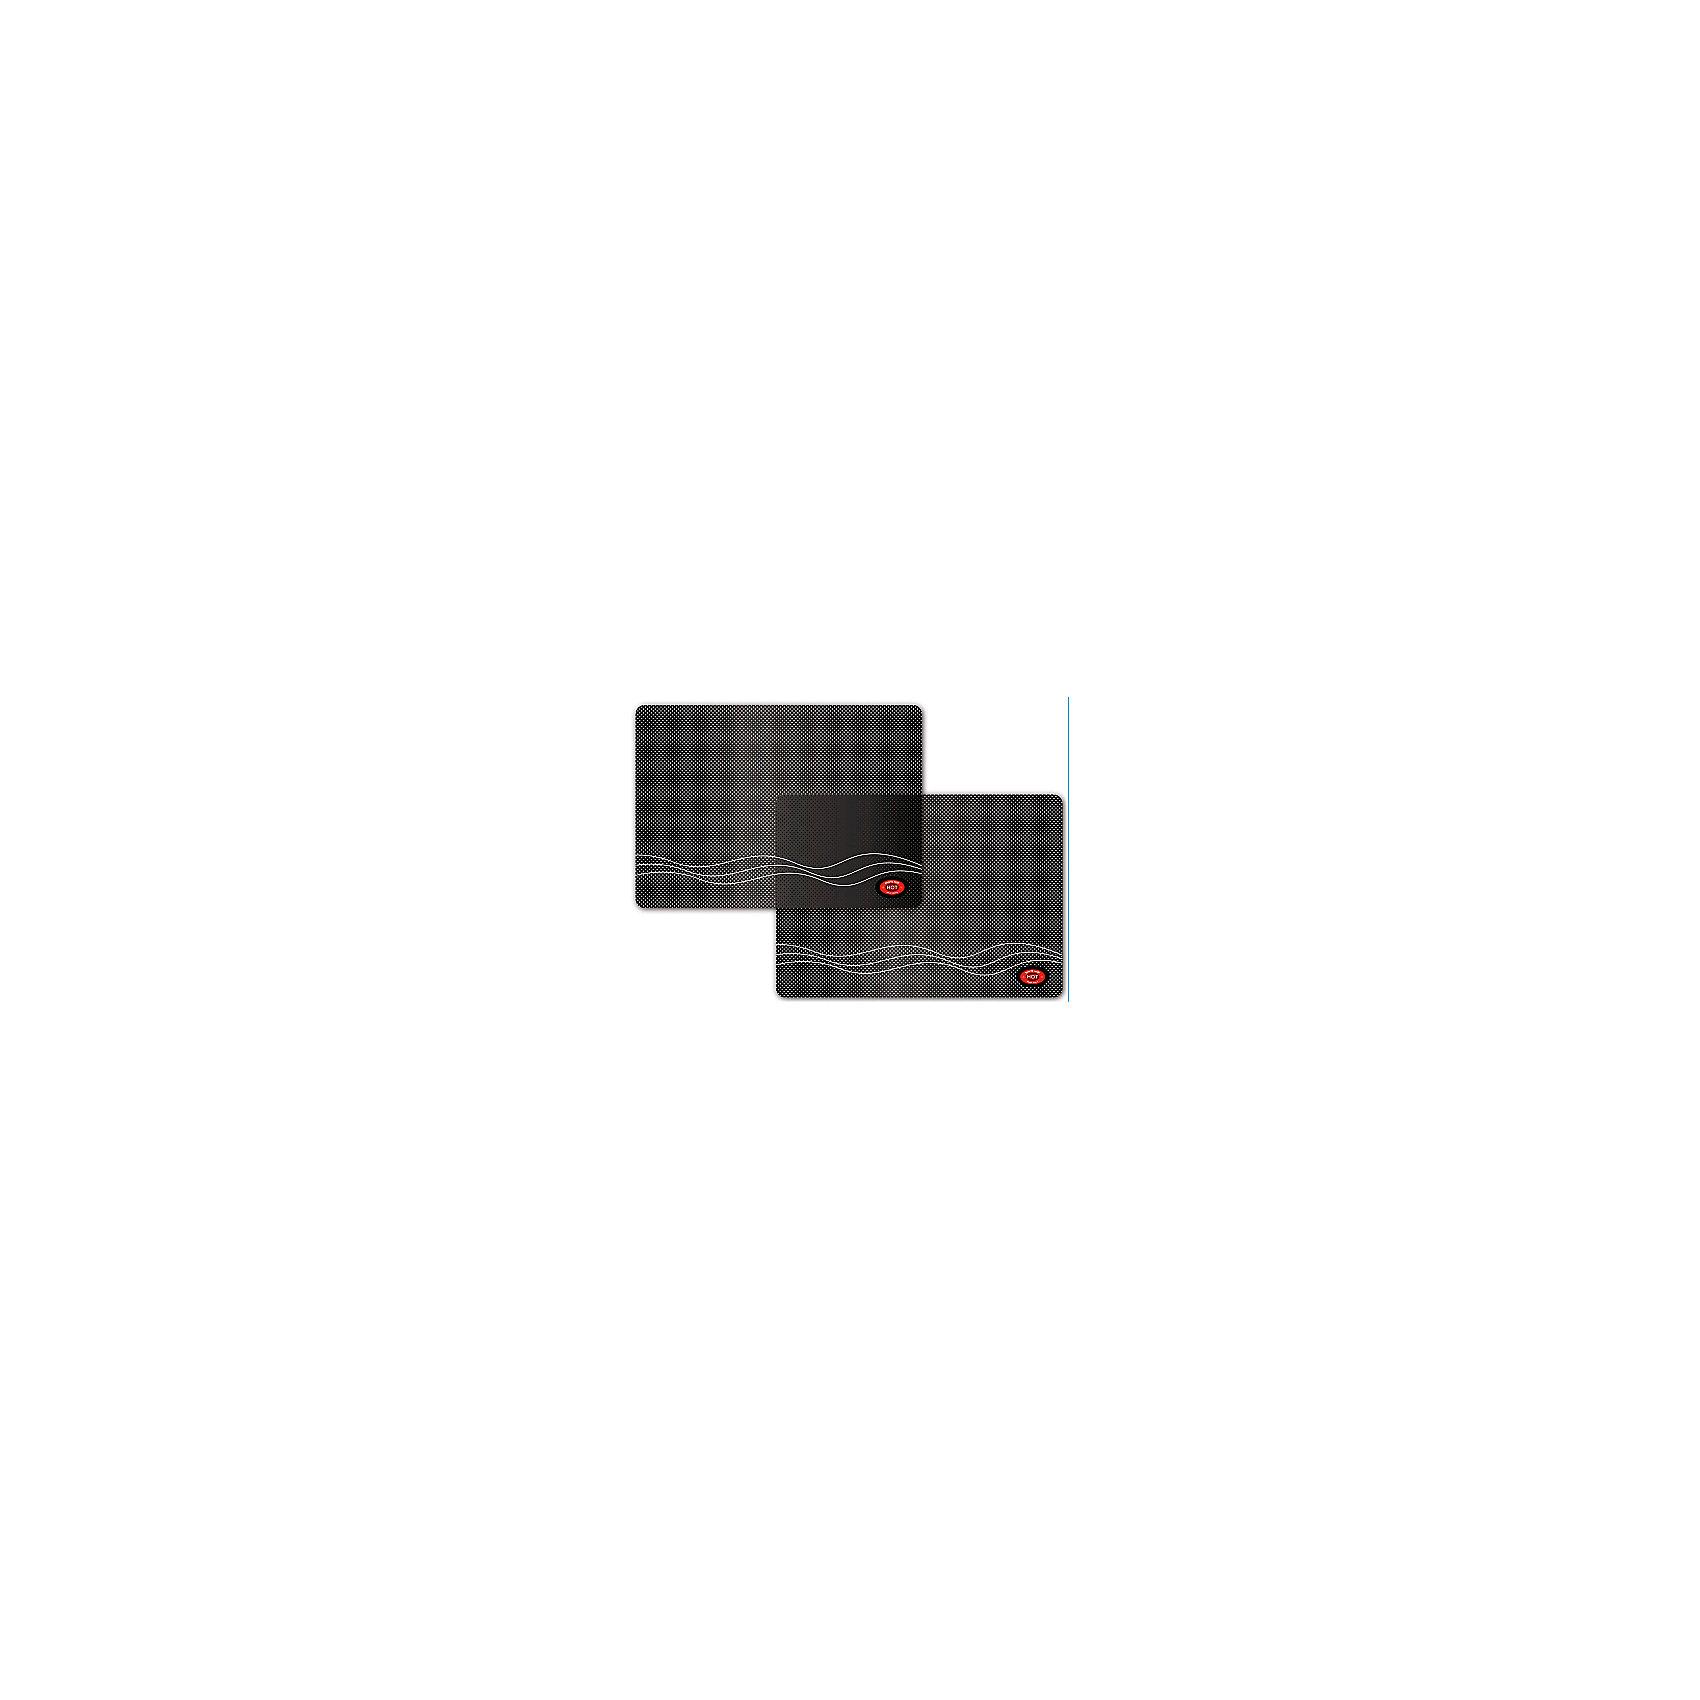 Защитные шторки для автомобиля White Hot® Static Cling, 2шт., MunchkinАксессуары<br>Munchkin солнцезащитные шторки White Hot® Static Cling  Солнцезащитные шторки White Hot Static Cling оградят ребенка от;вредных UVA;и UVB лучей, создавая приятную тень во время поездки. Комплект состоит из двух шторок, каждая из которых просто фиксируется на задние и боковые окна;автомобиля. Благодаря многоразовой липкой подложке шторки прослужат вам достаточно долго. Изделия оснащены системой White Hot, которая определяет высокую температуры в салоне автомобиля. Размер шторок можно подогнать в зависимости от размера окна.  - Размеры: 44.5 см х 31.8 см.<br><br>Ширина мм: 430<br>Глубина мм: 80<br>Высота мм: 40<br>Вес г: 200<br>Возраст от месяцев: 0<br>Возраст до месяцев: 1188<br>Пол: Унисекс<br>Возраст: Детский<br>SKU: 6844829